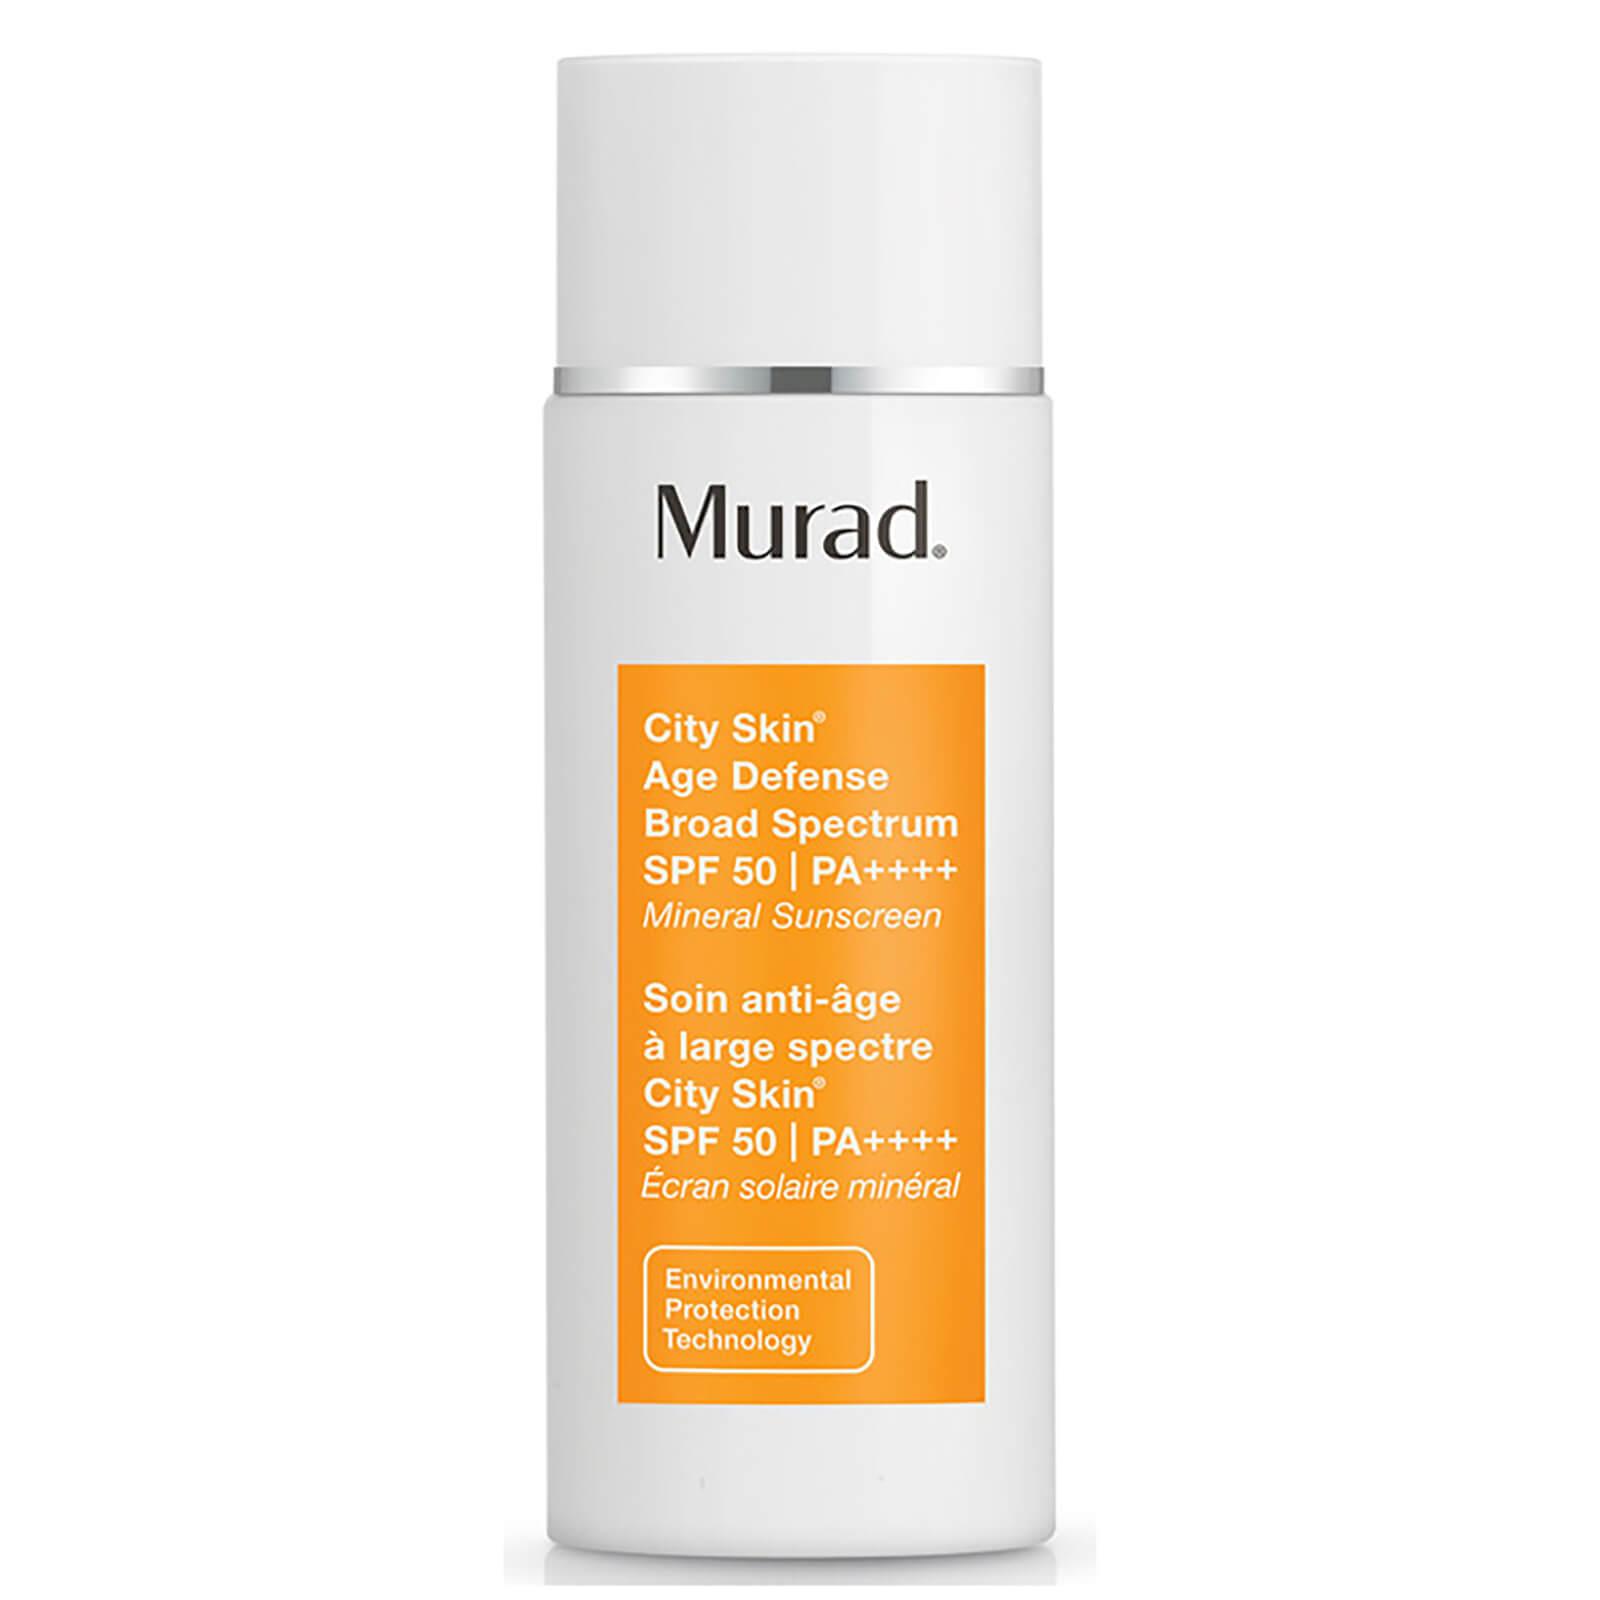 Murad City Skin Age Defense crema protettiva ad ampio spettro SPF 50 PA ++++